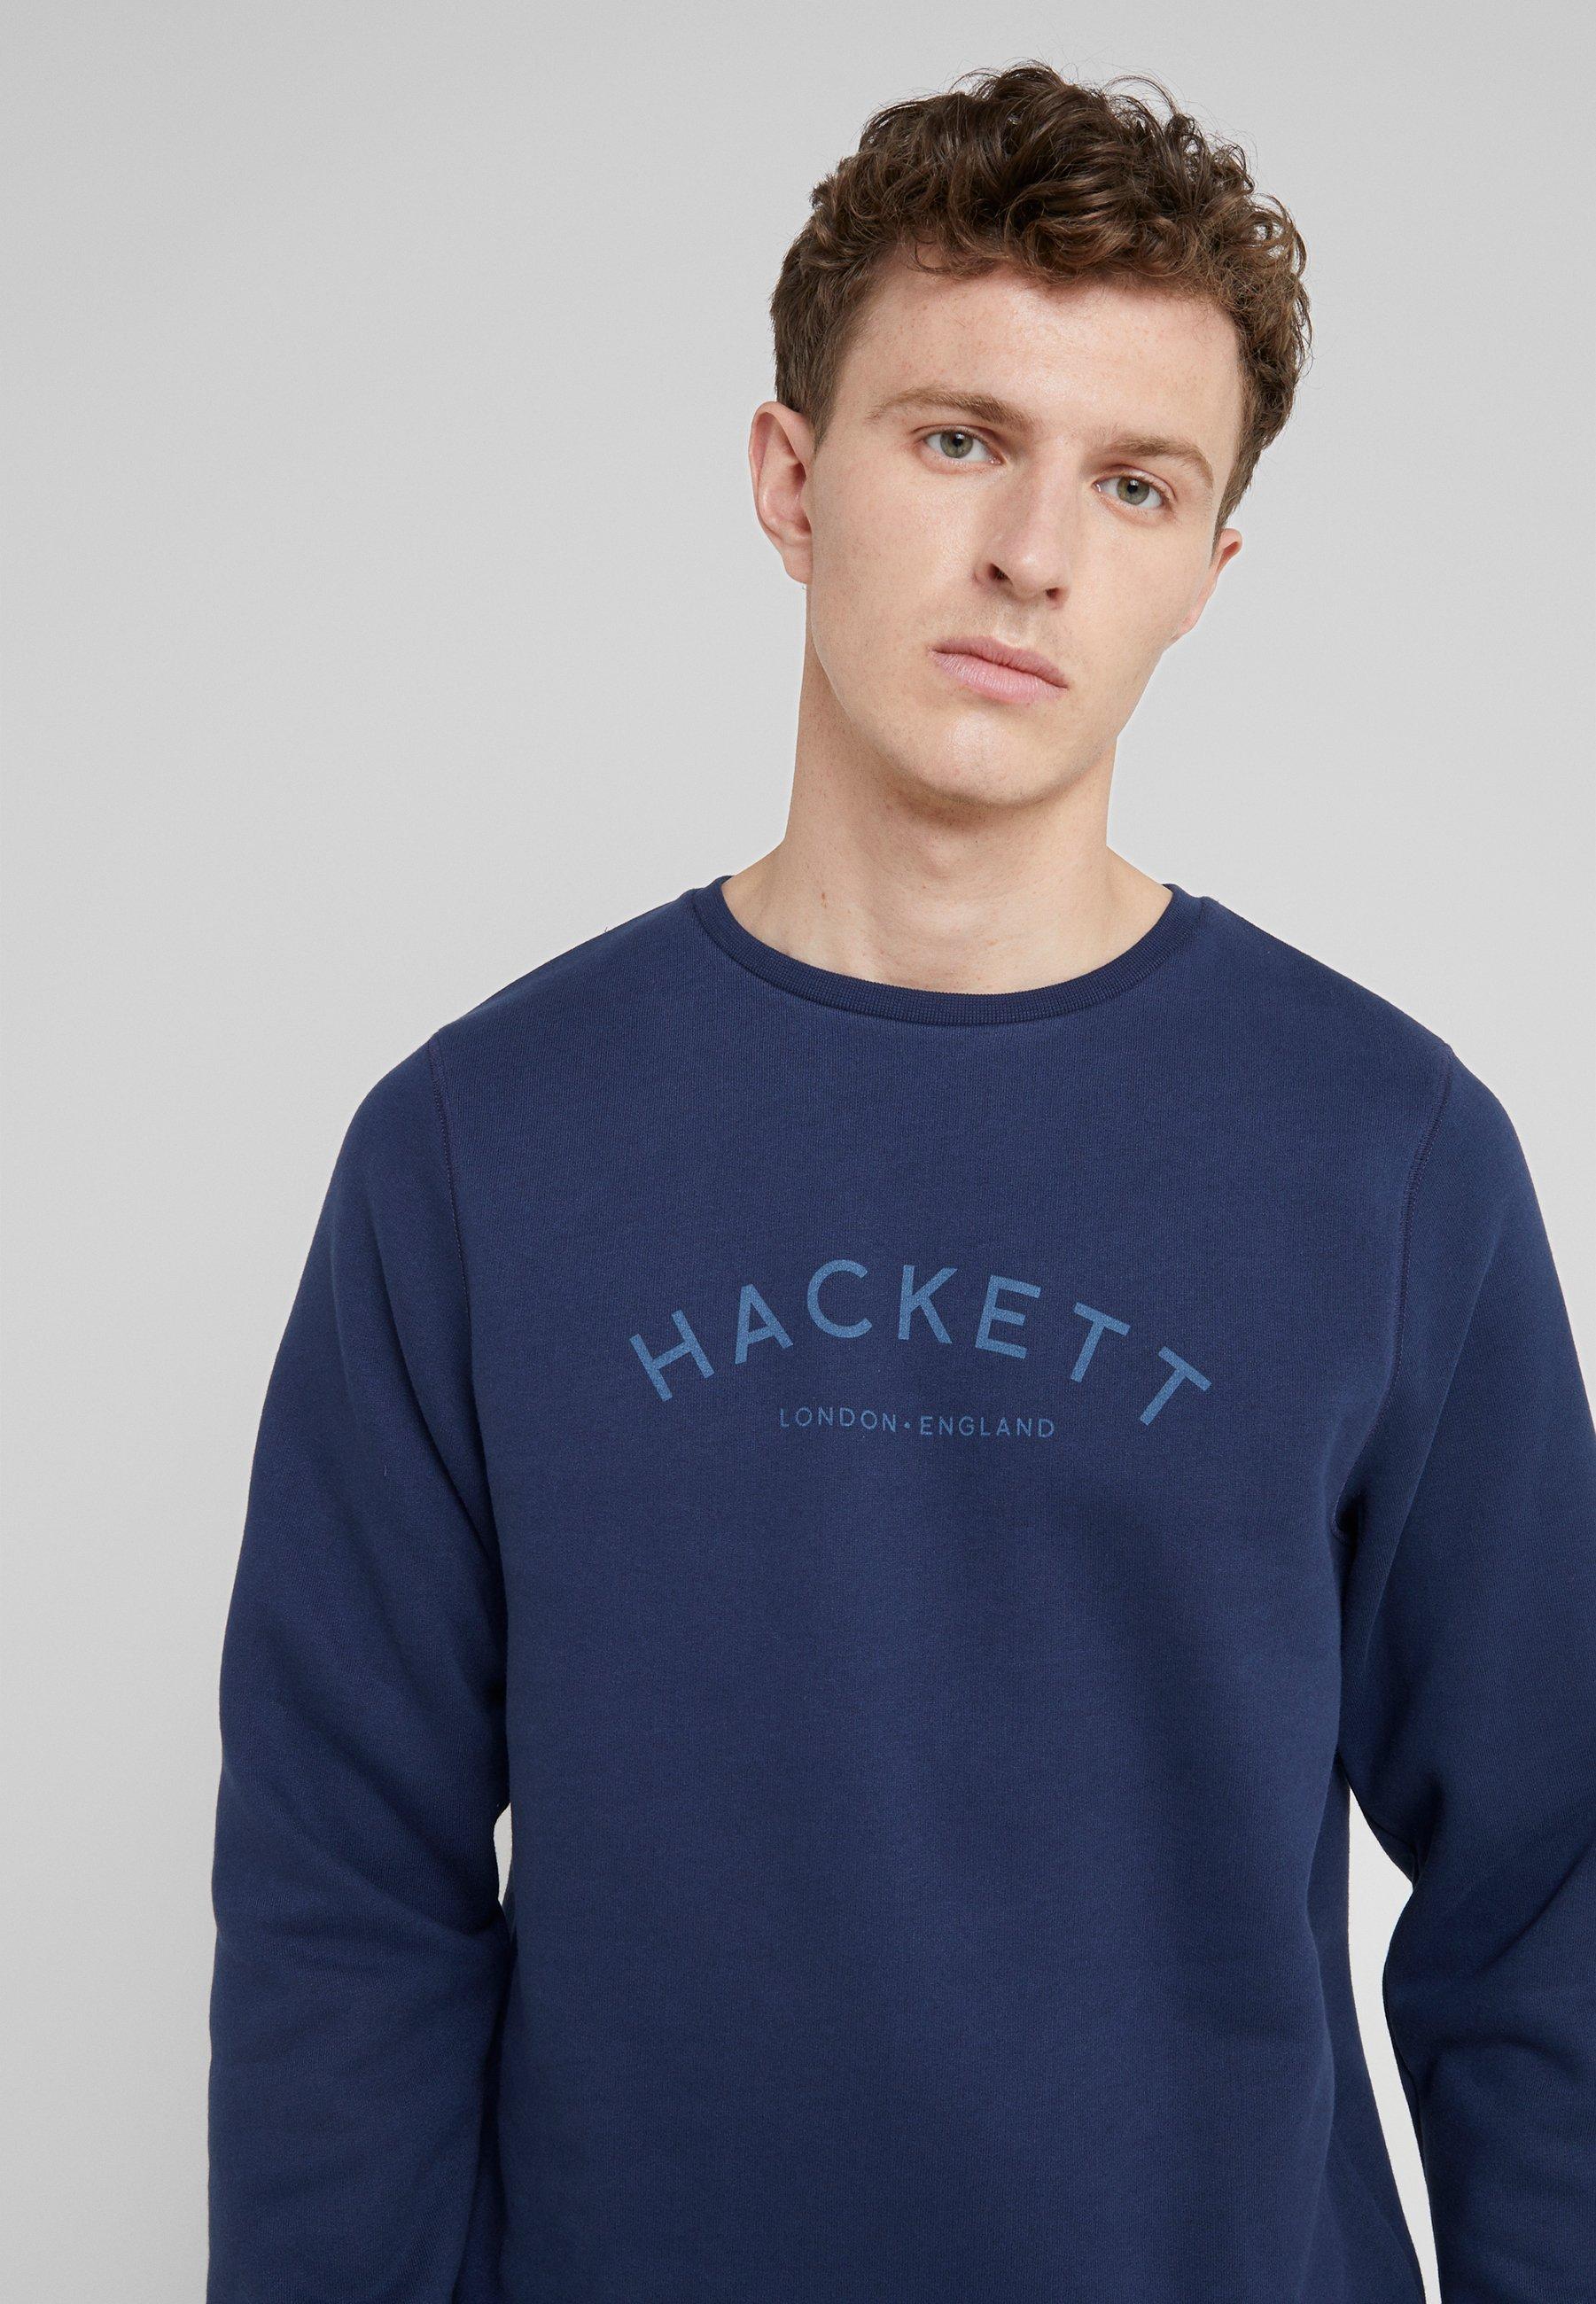 Kuuma Miesten vaatteet Sarja dfKJIUp97454sfGHYHD Hackett London LOGO CREW Collegepaita navy